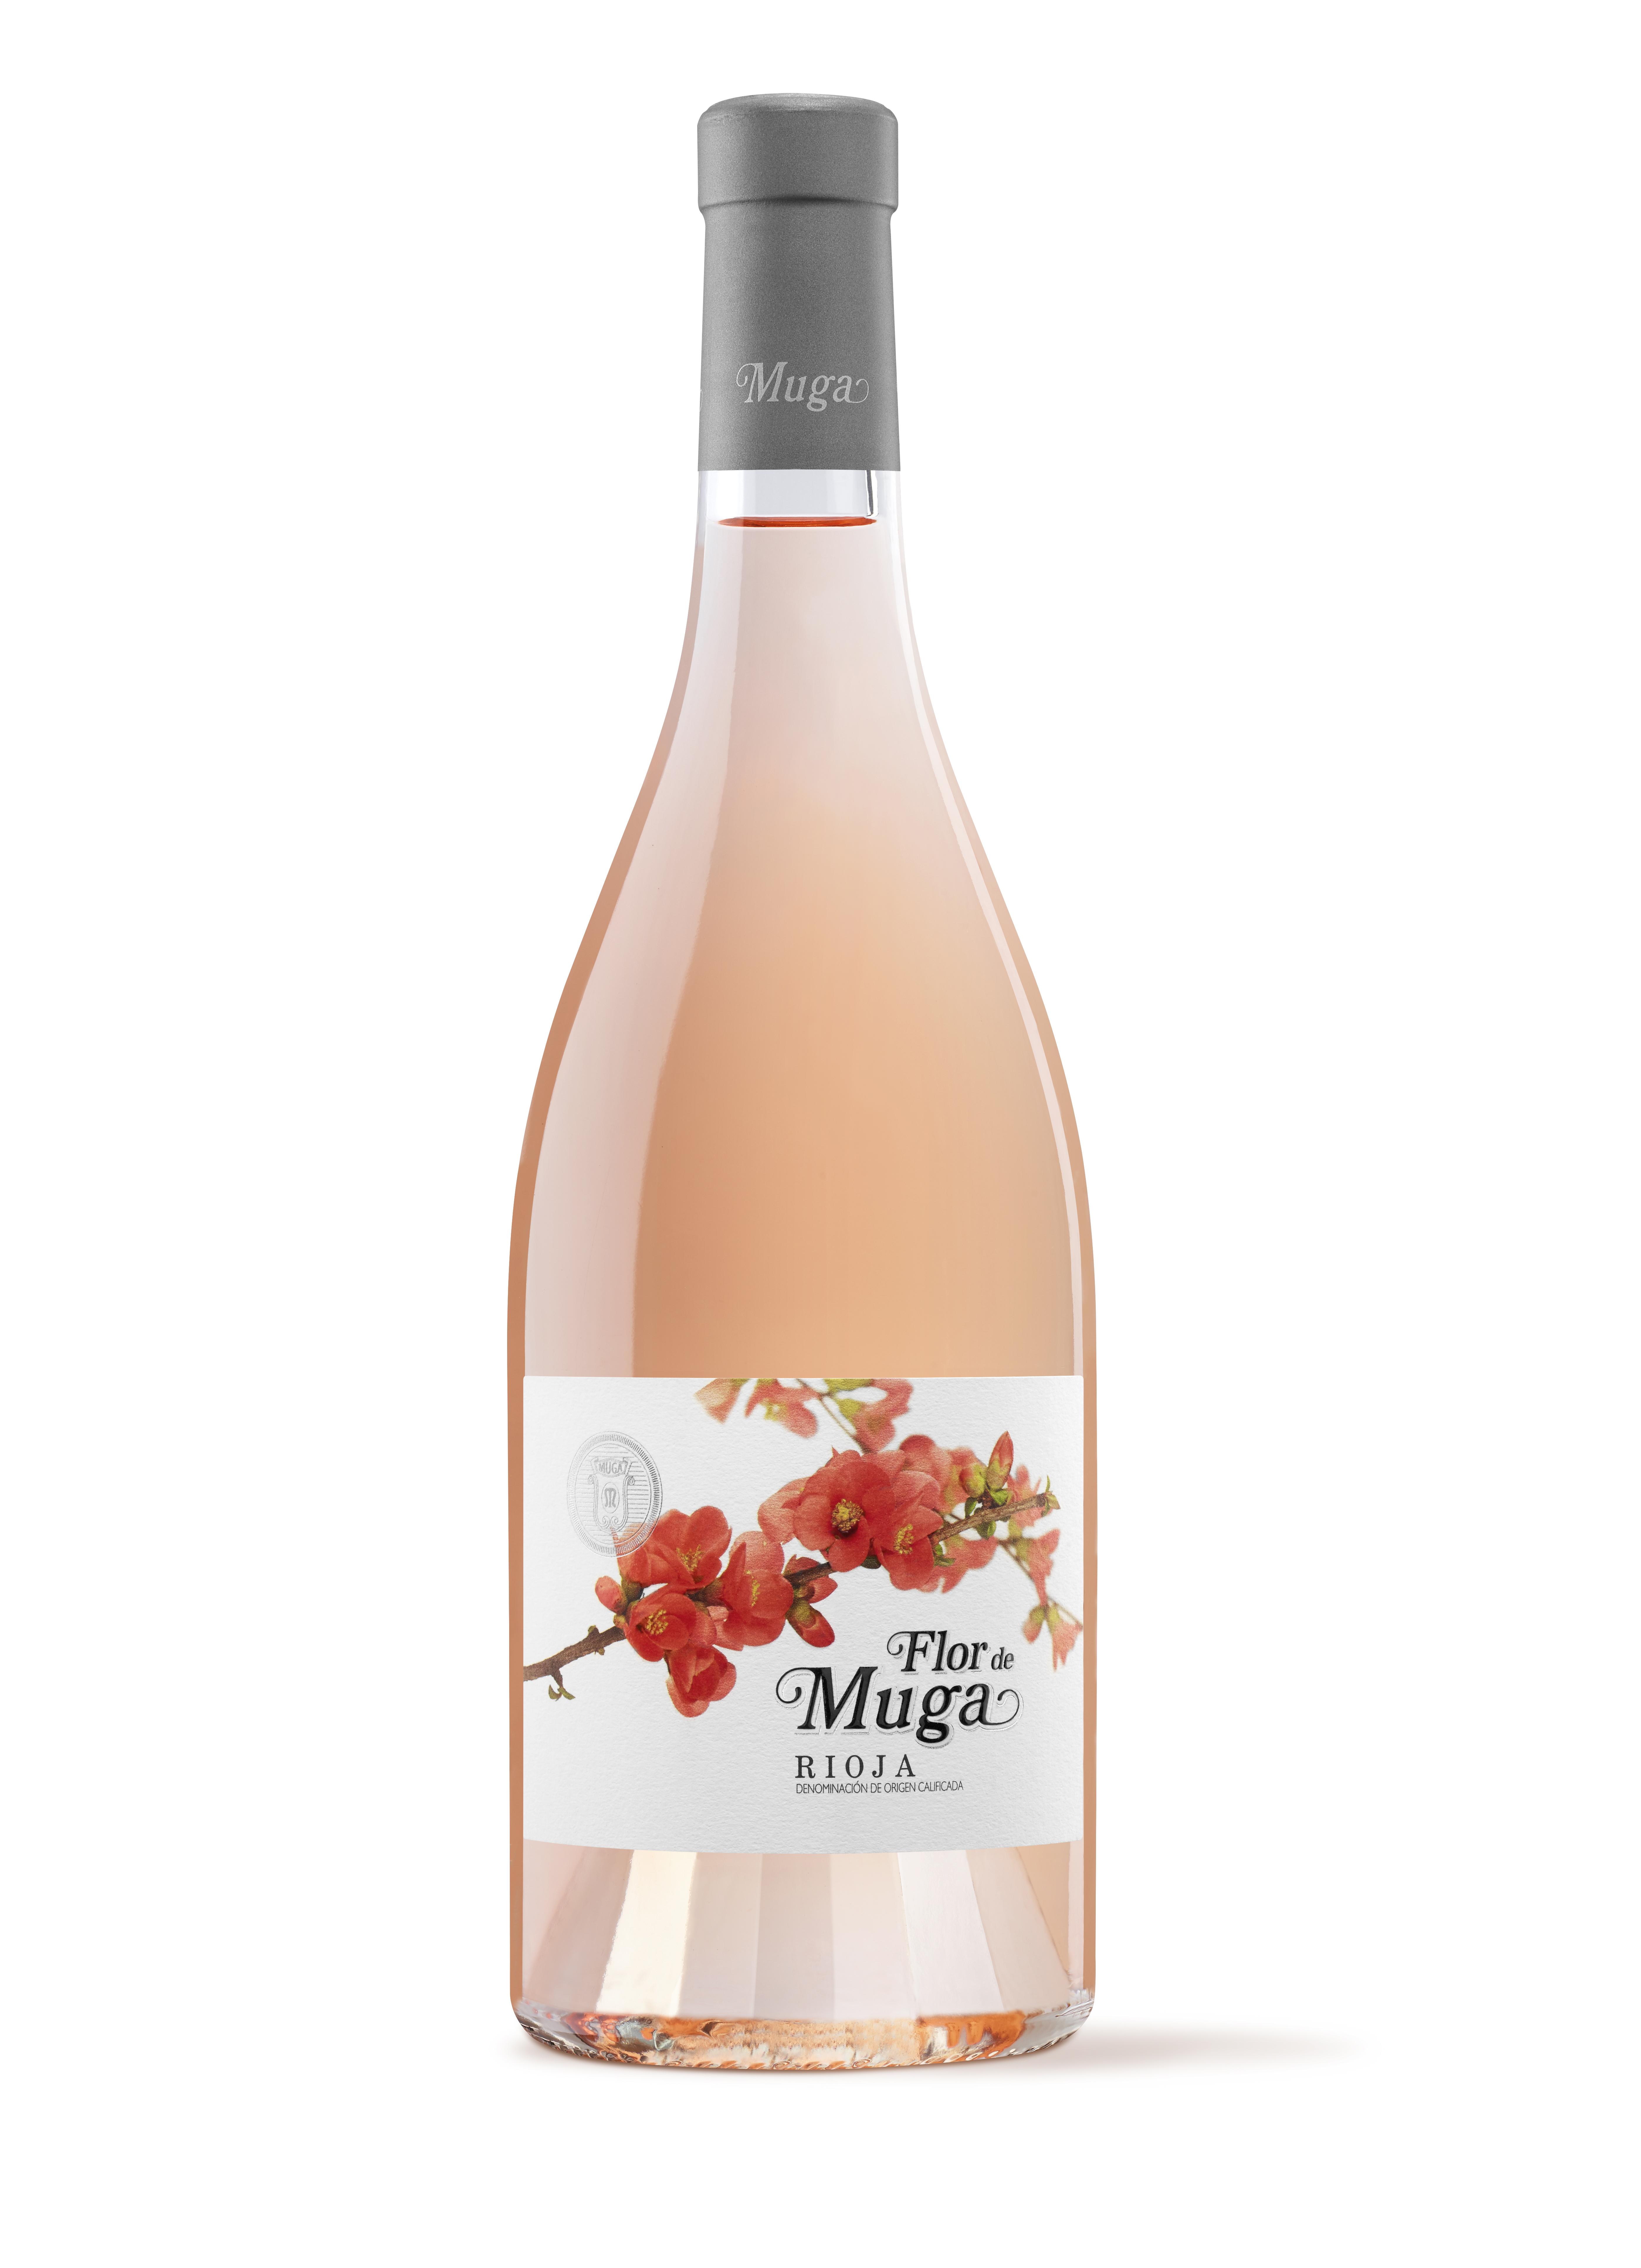 flor de muga rosé 2017 muga winery